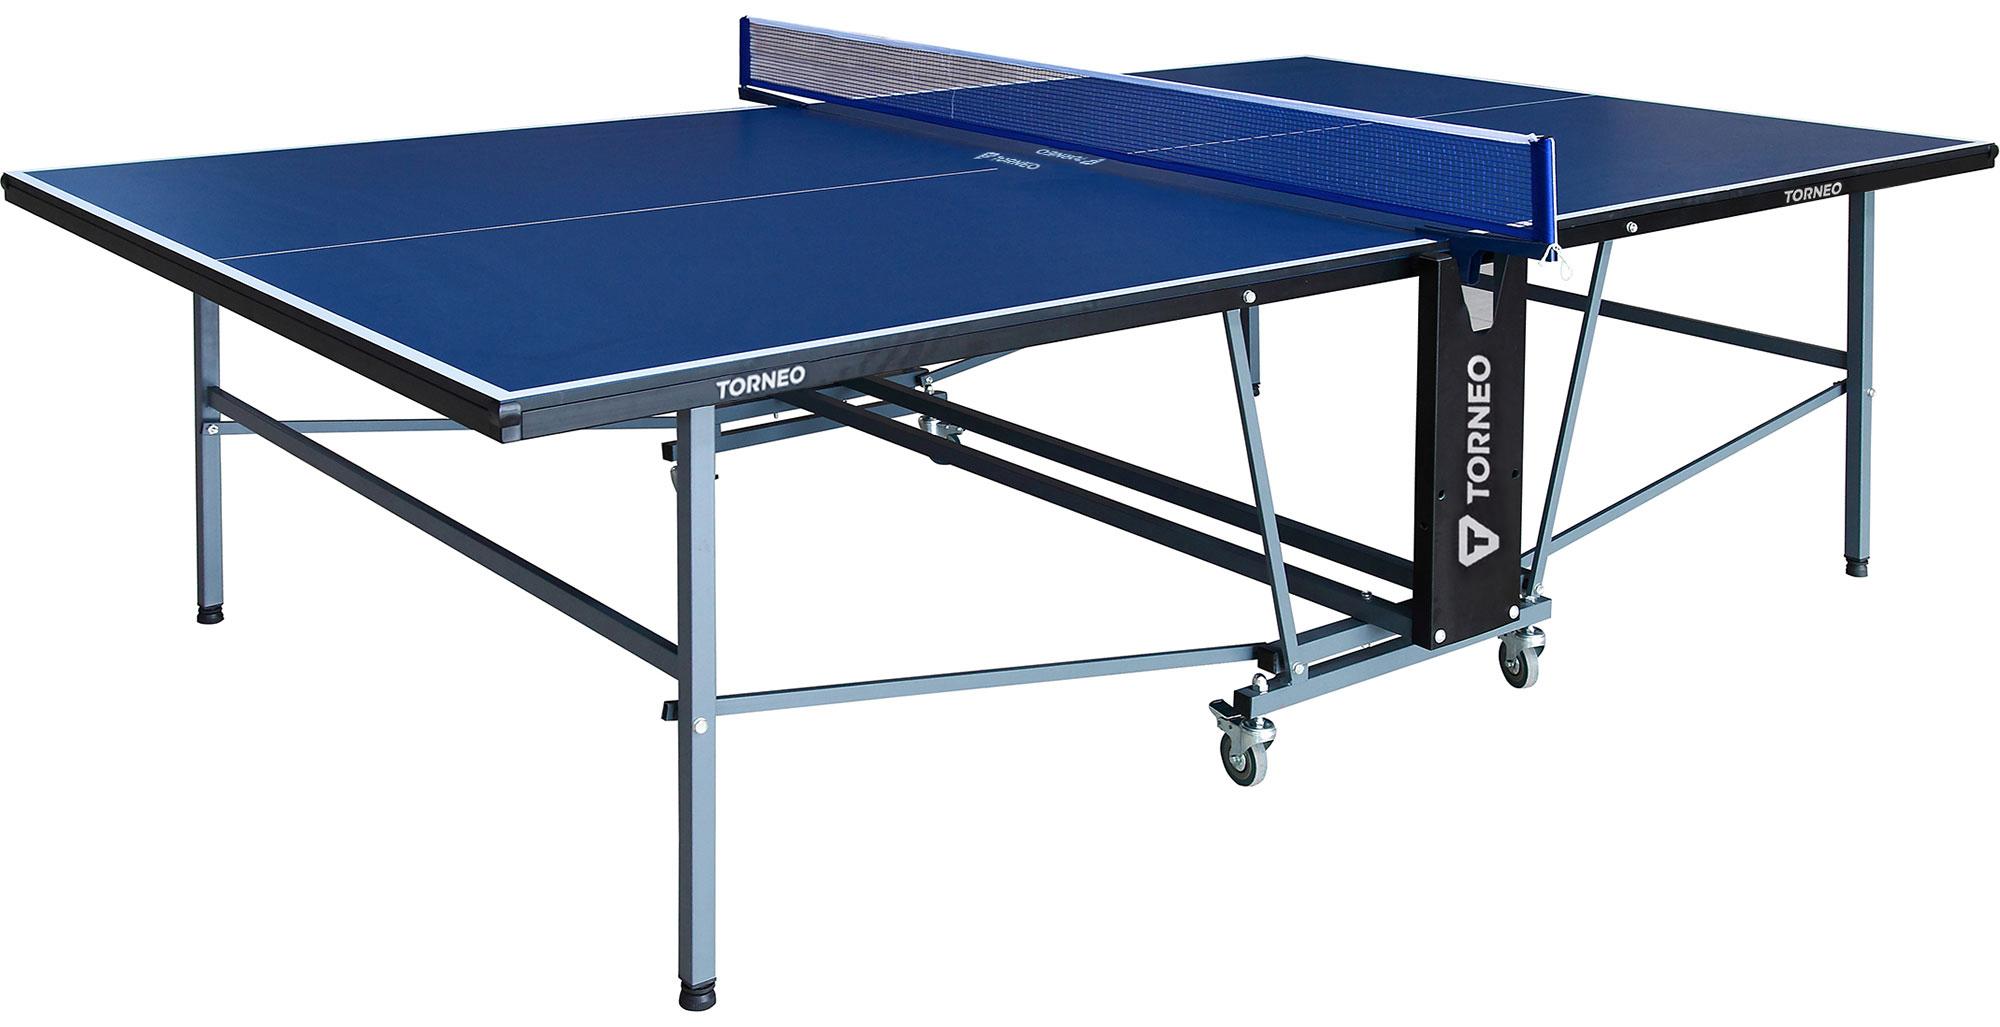 Torneo Теннисный стол для закрытых помещений Torneo